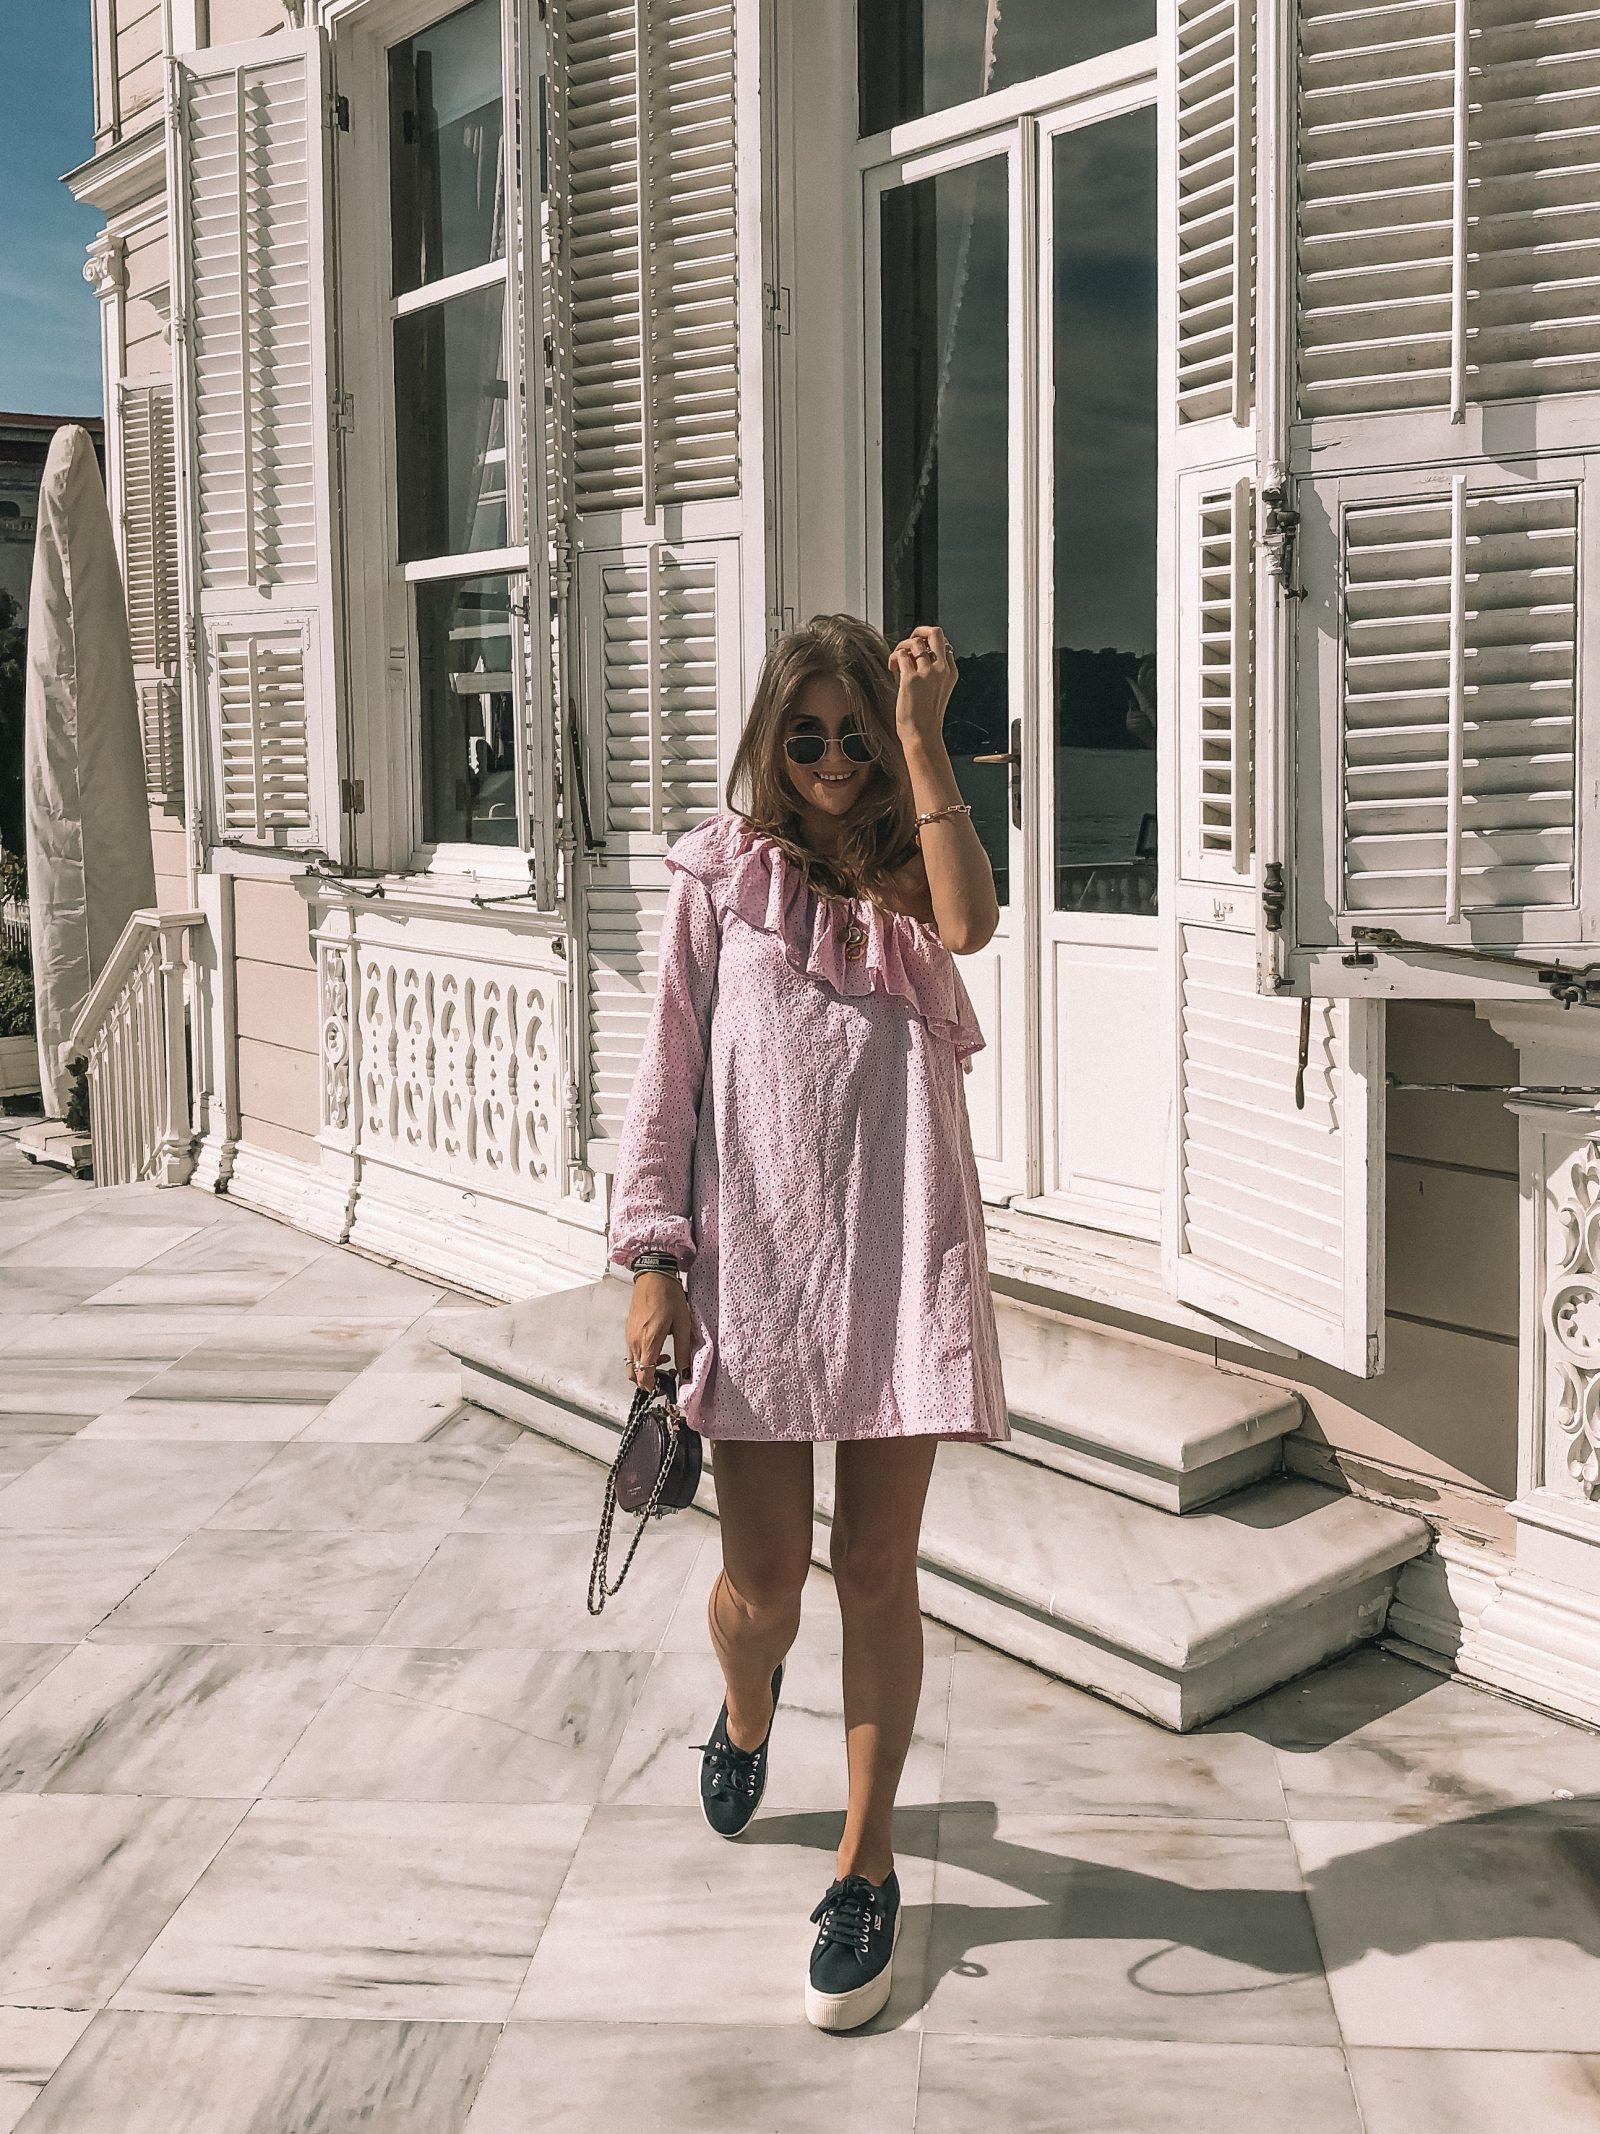 Vero Moda Istanbul - Outfit Diaries - Vero Moda Debenhams